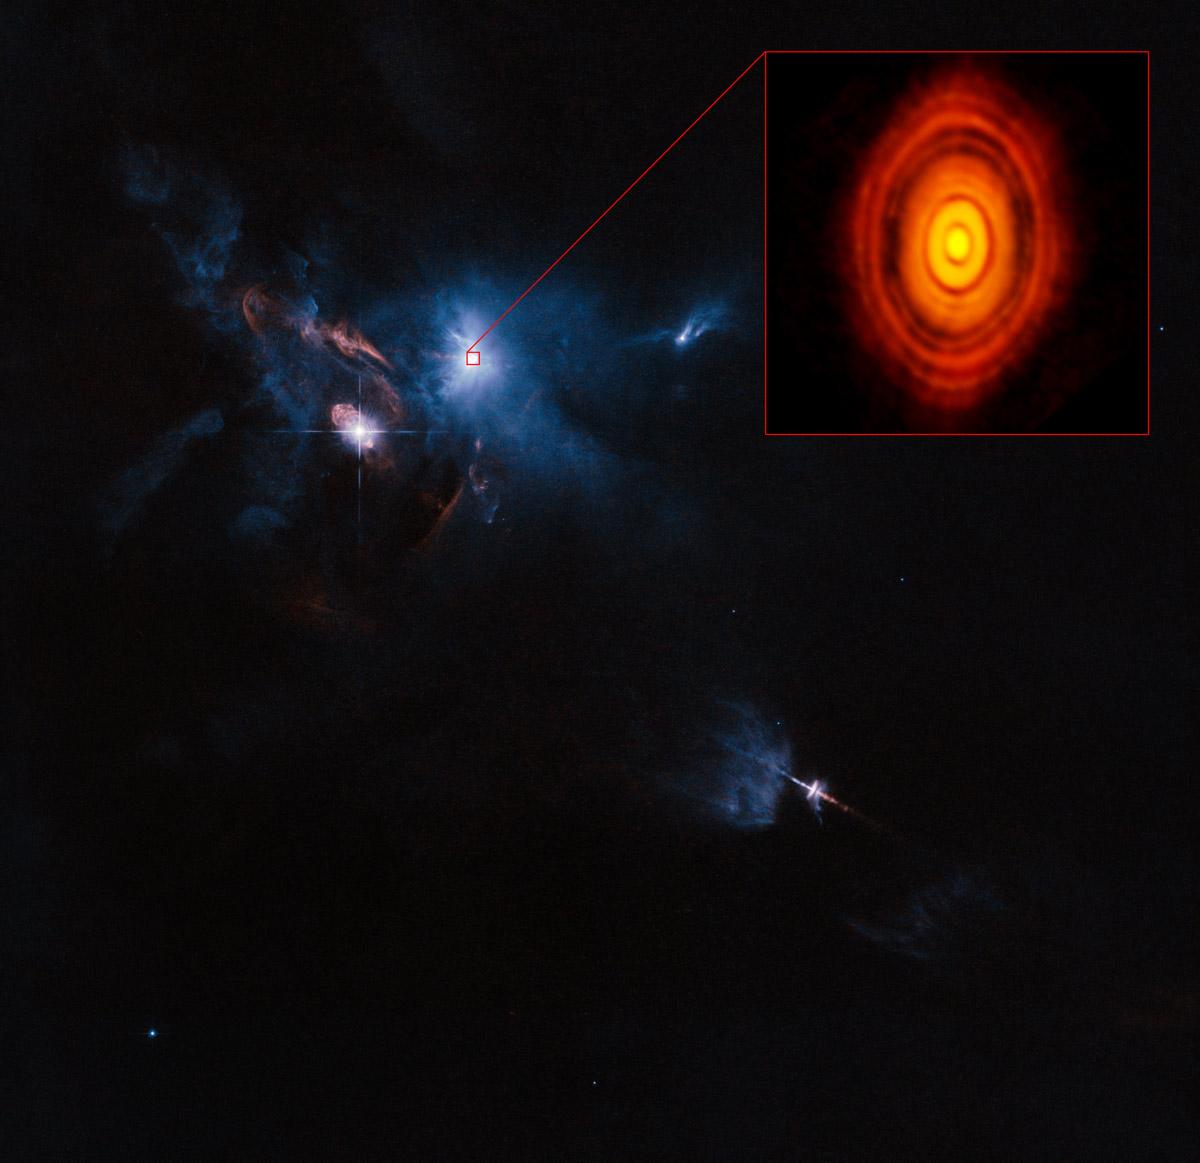 HL Tauri, einmal eingebettet die ihn umgebene Molekülwolke (aufgenommen mit dem Hubbleteleskop) und Deatilaufnahme mit ALMA (Inset) Bild: ALMA (ESO/NAOJ/NRAO)/NASA/ESA